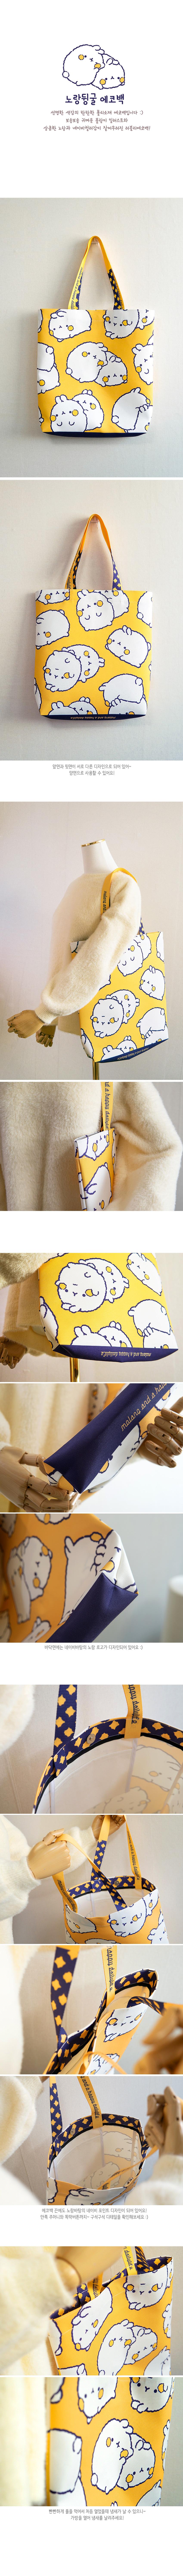 몰랑 뒹굴노랑 에코백 - 몰랑이, 26,000원, 캔버스/에코백, 에코백